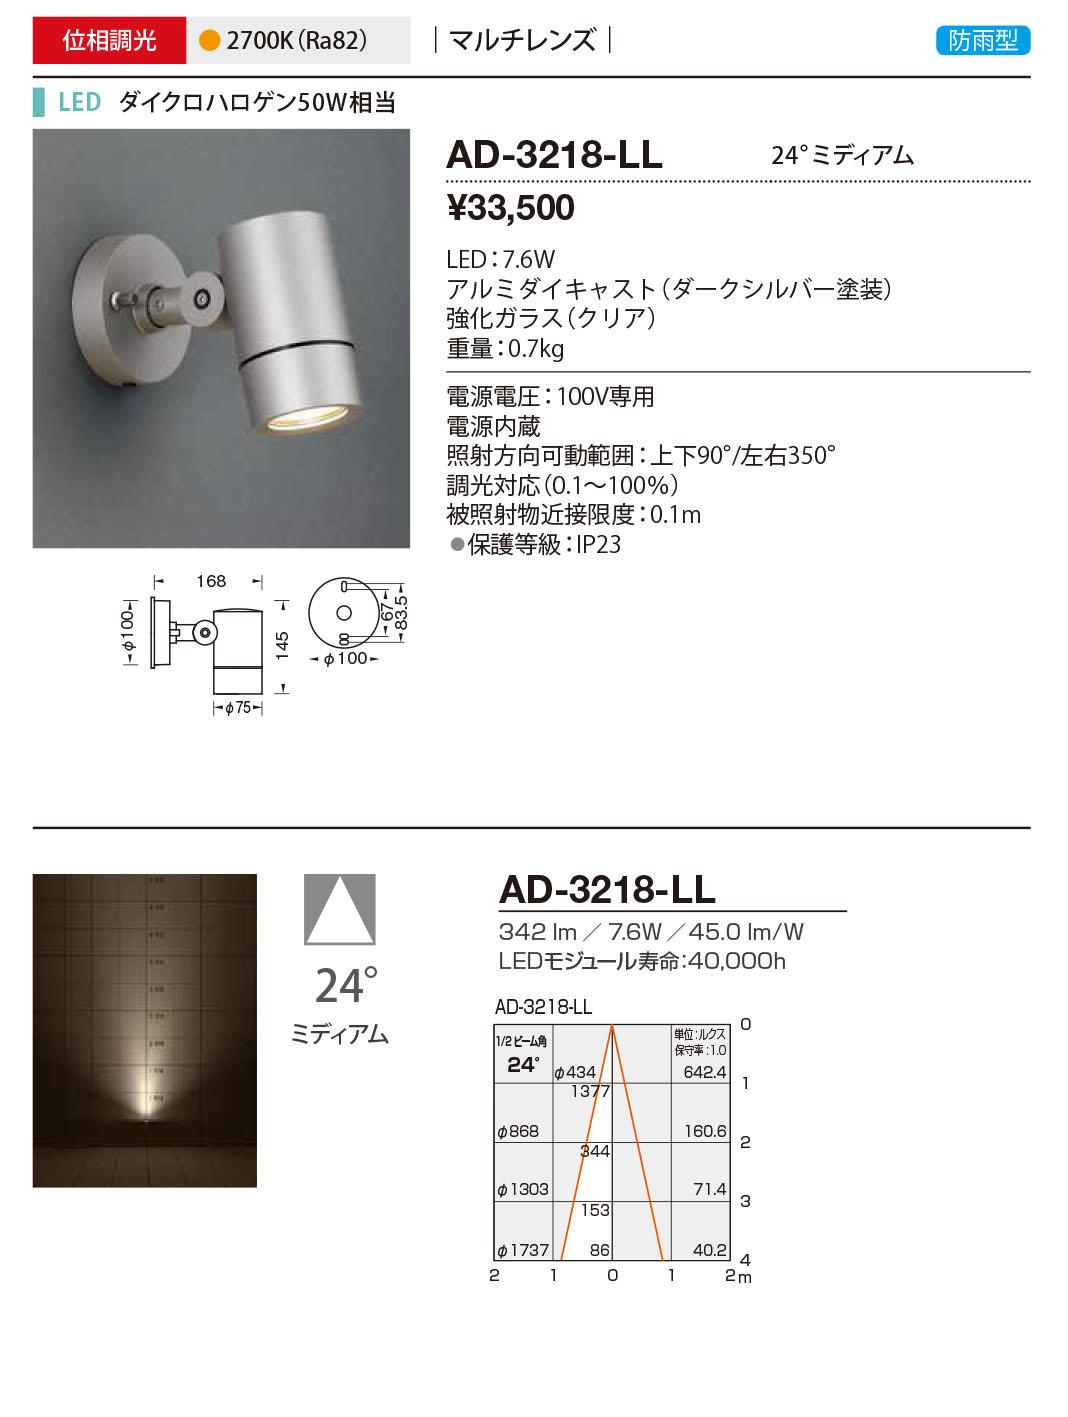 山田照明 照明器具エクステリア LED一体型スポットライト ディマブル75調光 マルチレンズ 防雨型 ミディアムダイクロハロゲン50W相当 電球色AD-3218-LL